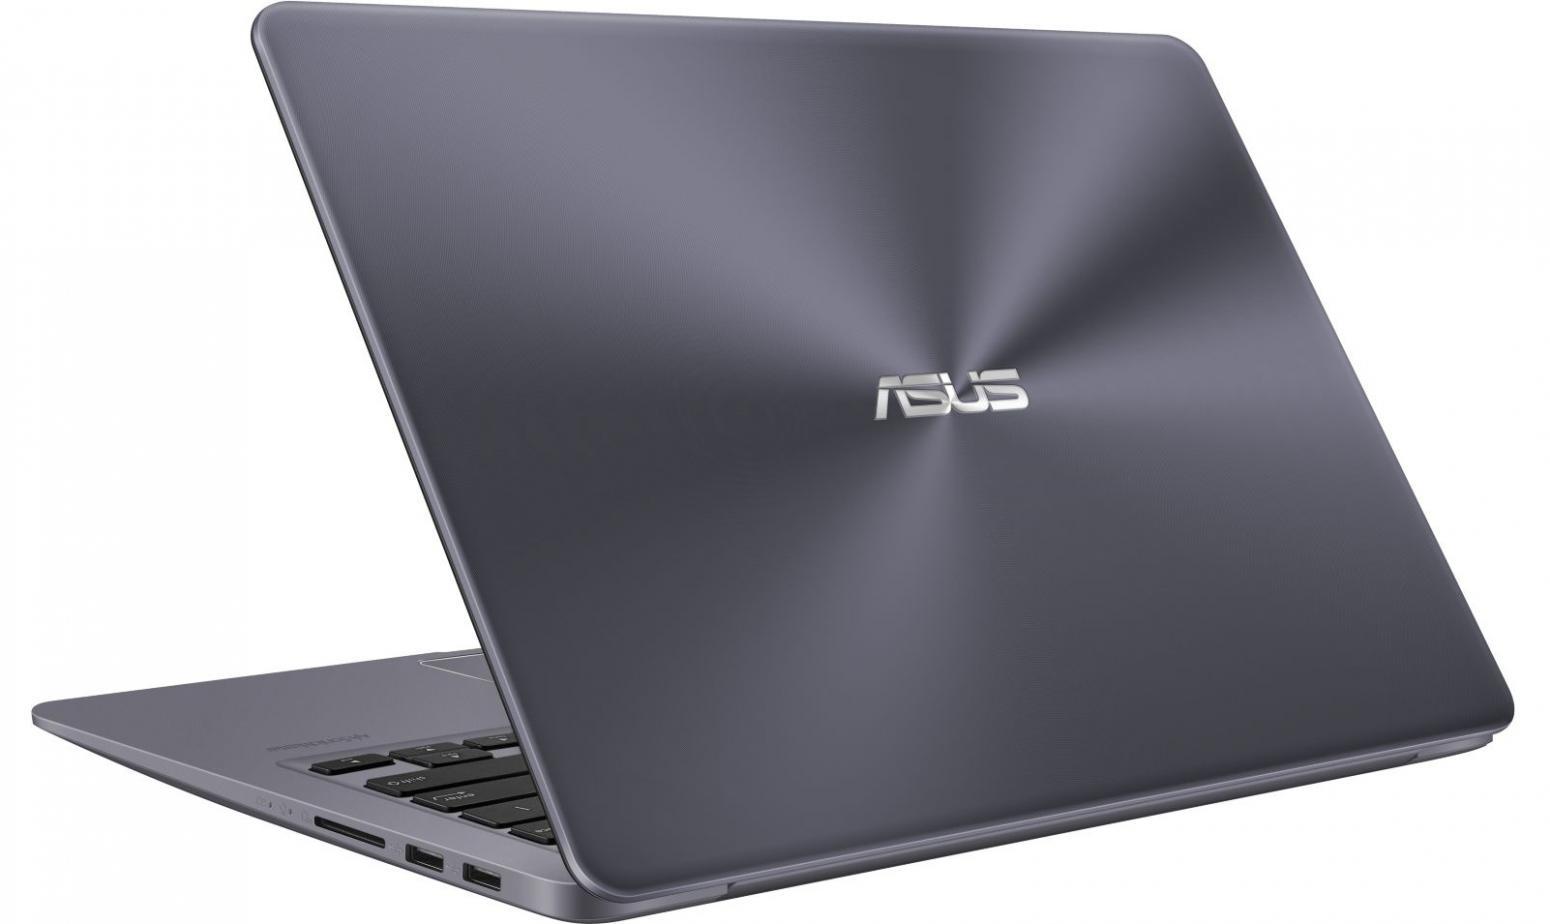 Image du PC portable Asus VivoBook S401UA-BV810T Argent